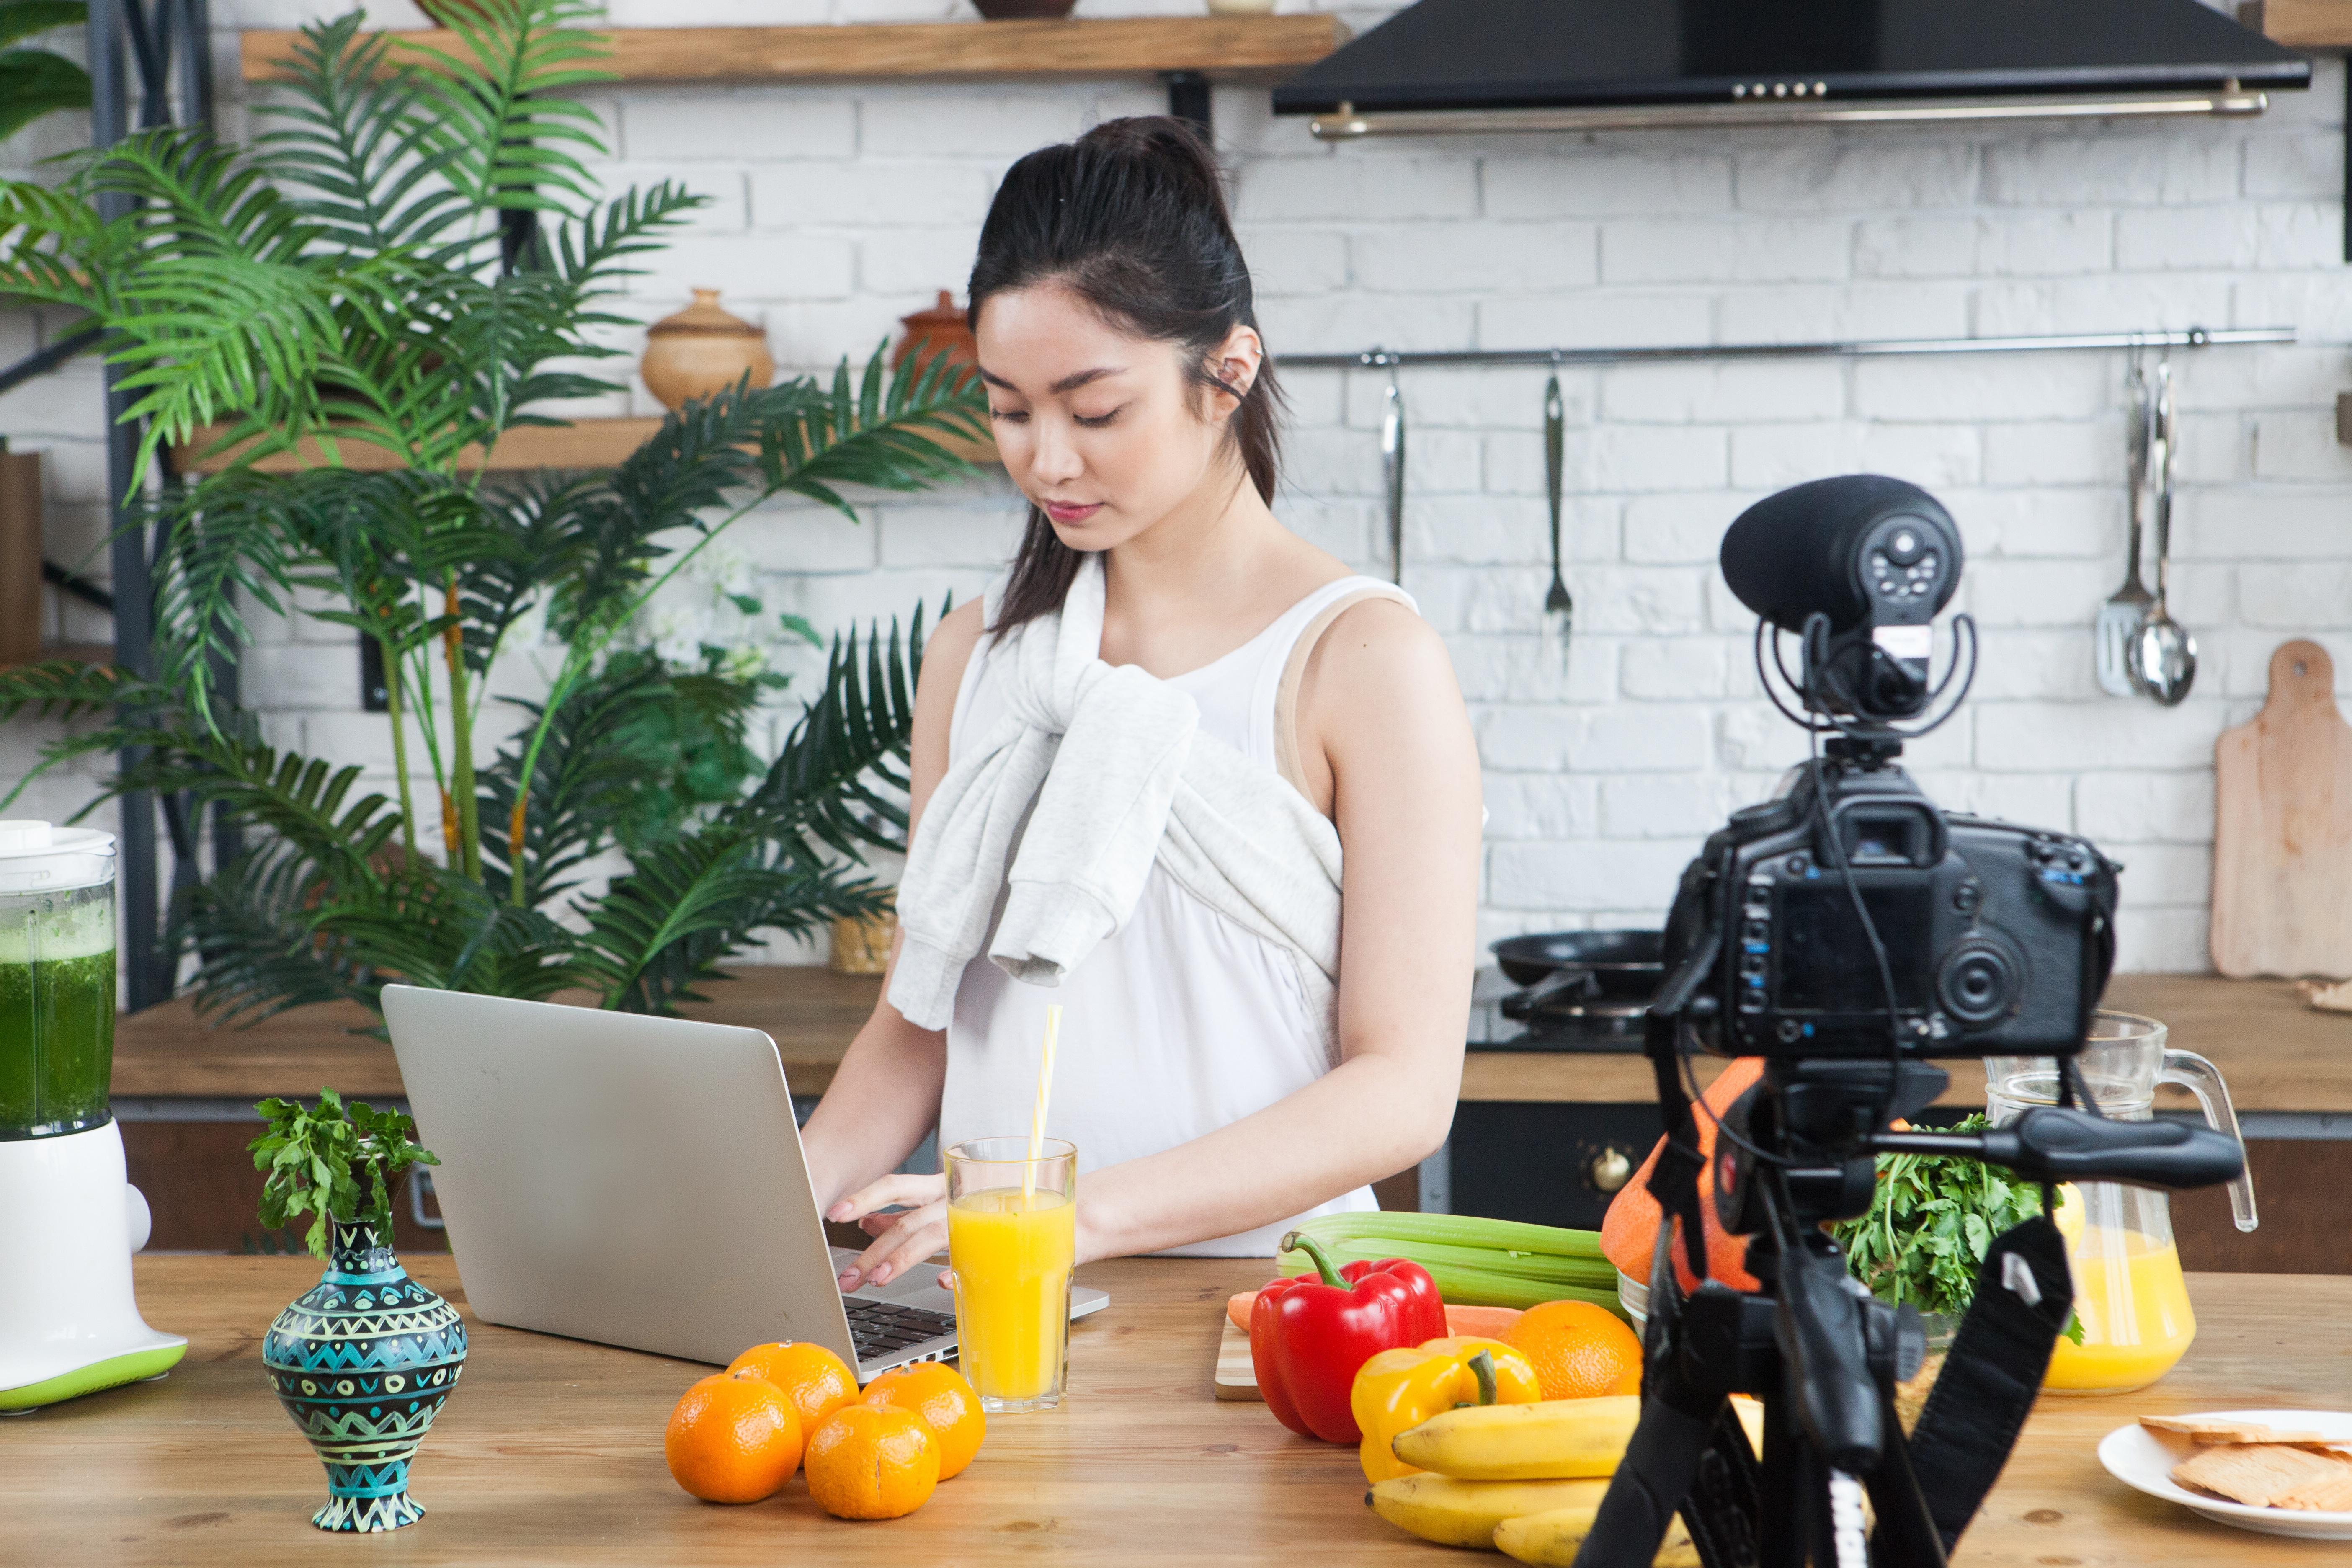 動画を取りながら料理をする女性